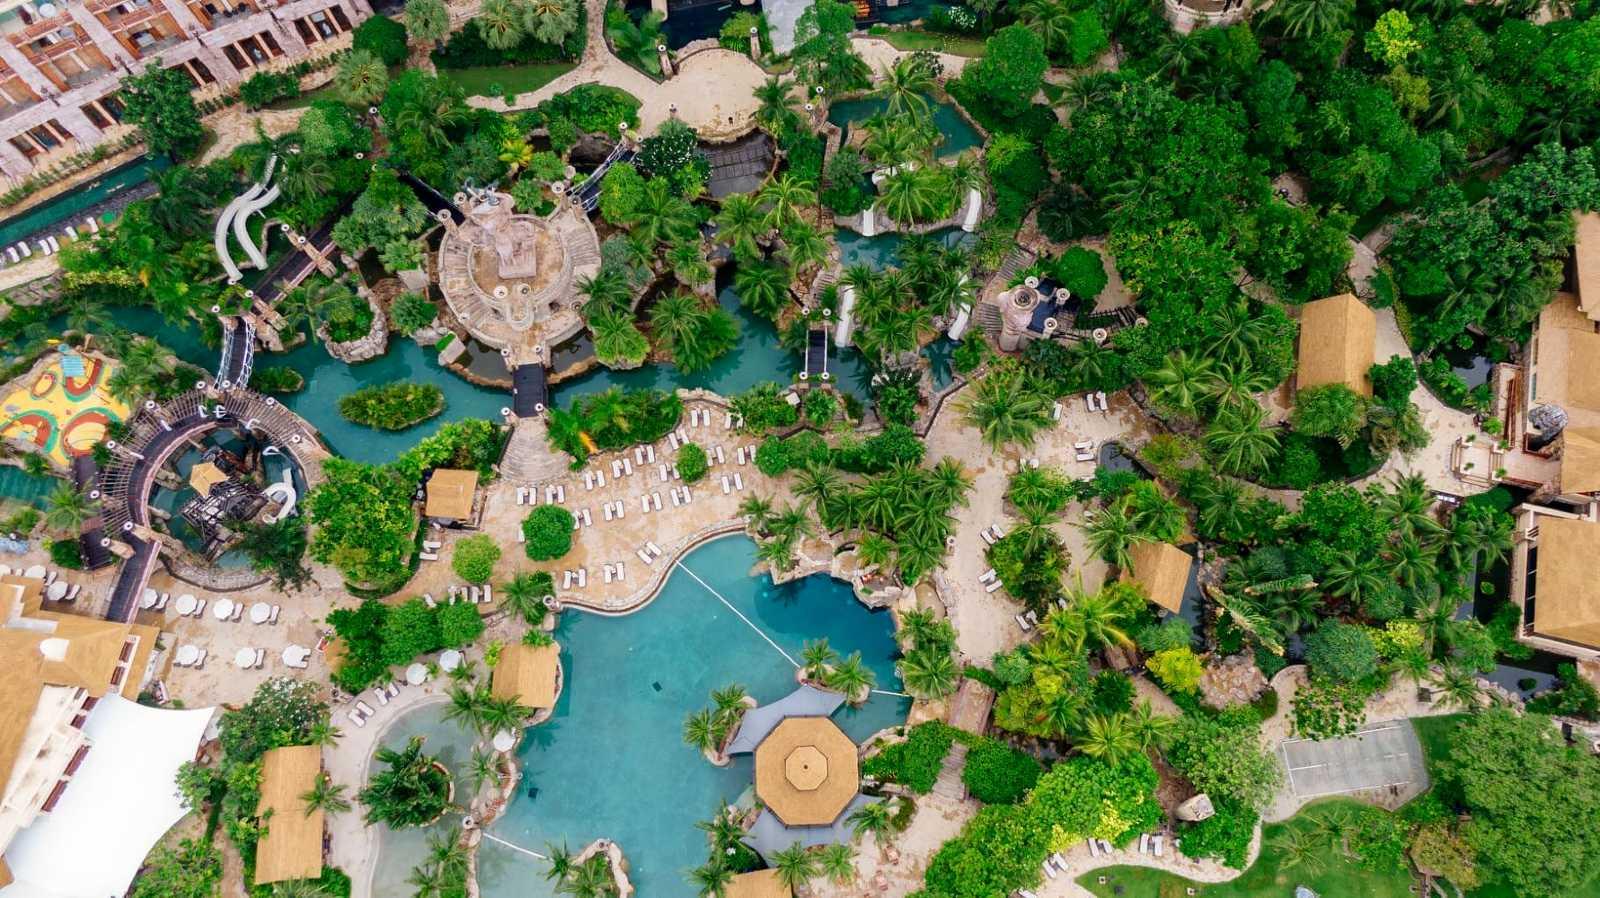 zwembad in tropische tuin